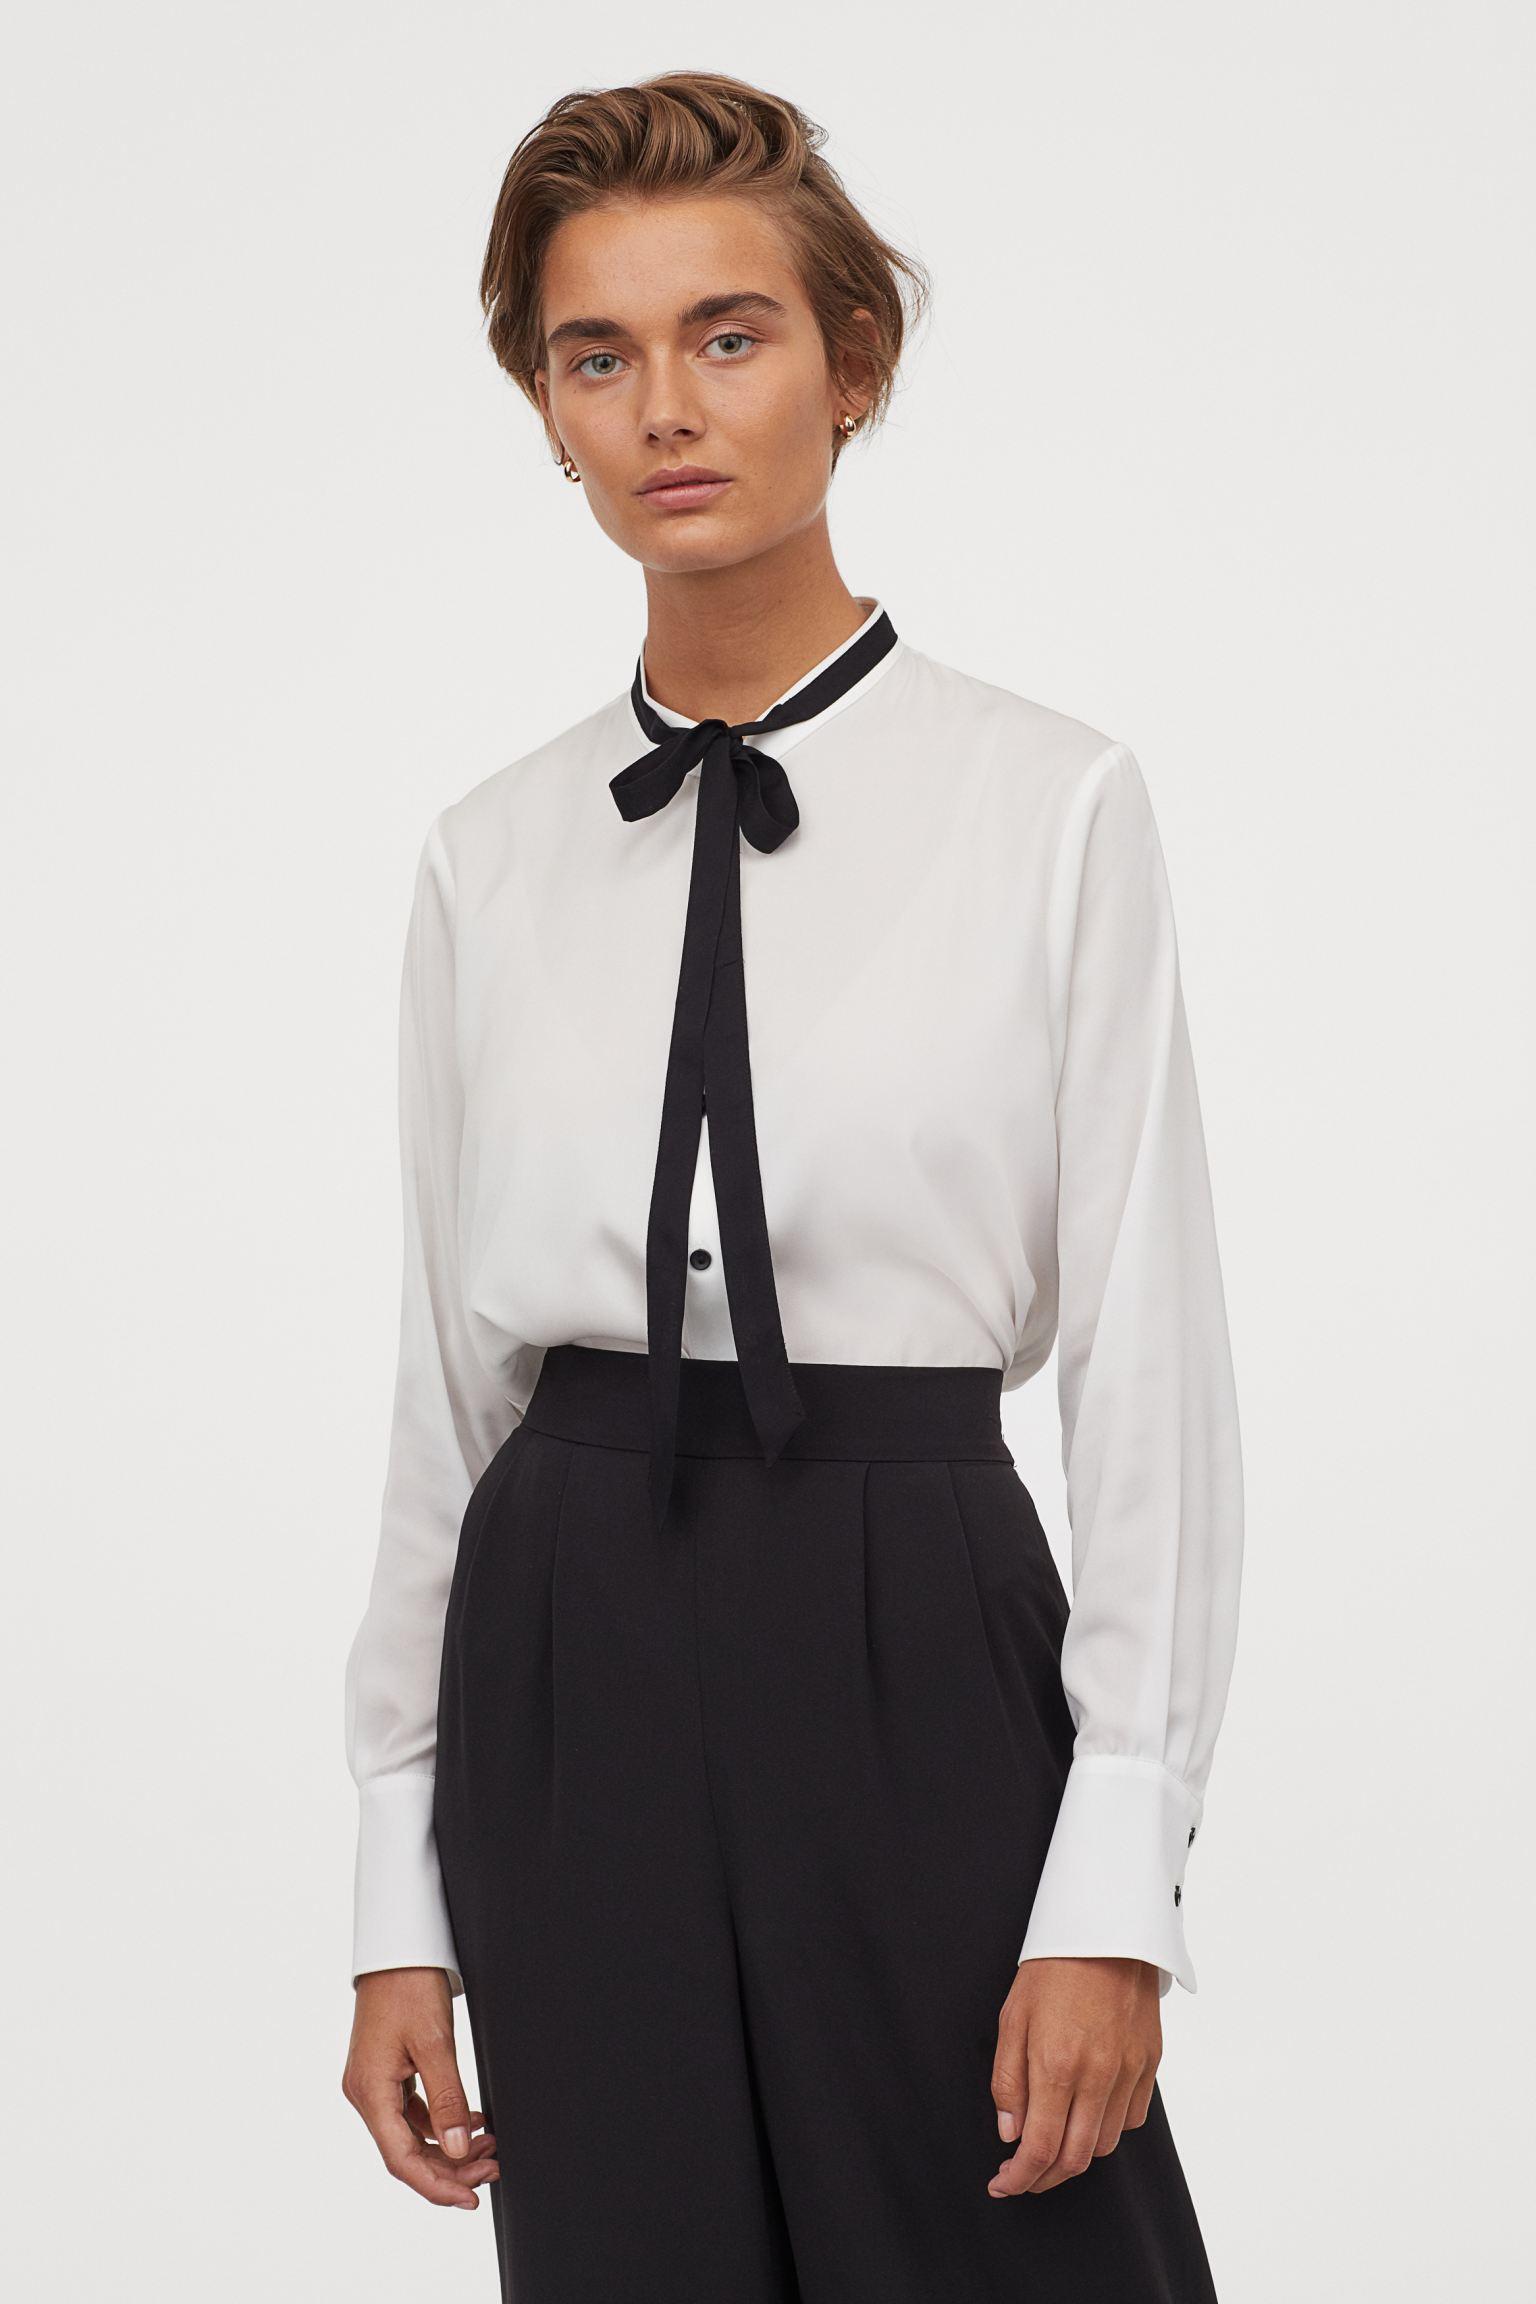 Blusa blanca con lazada en negro